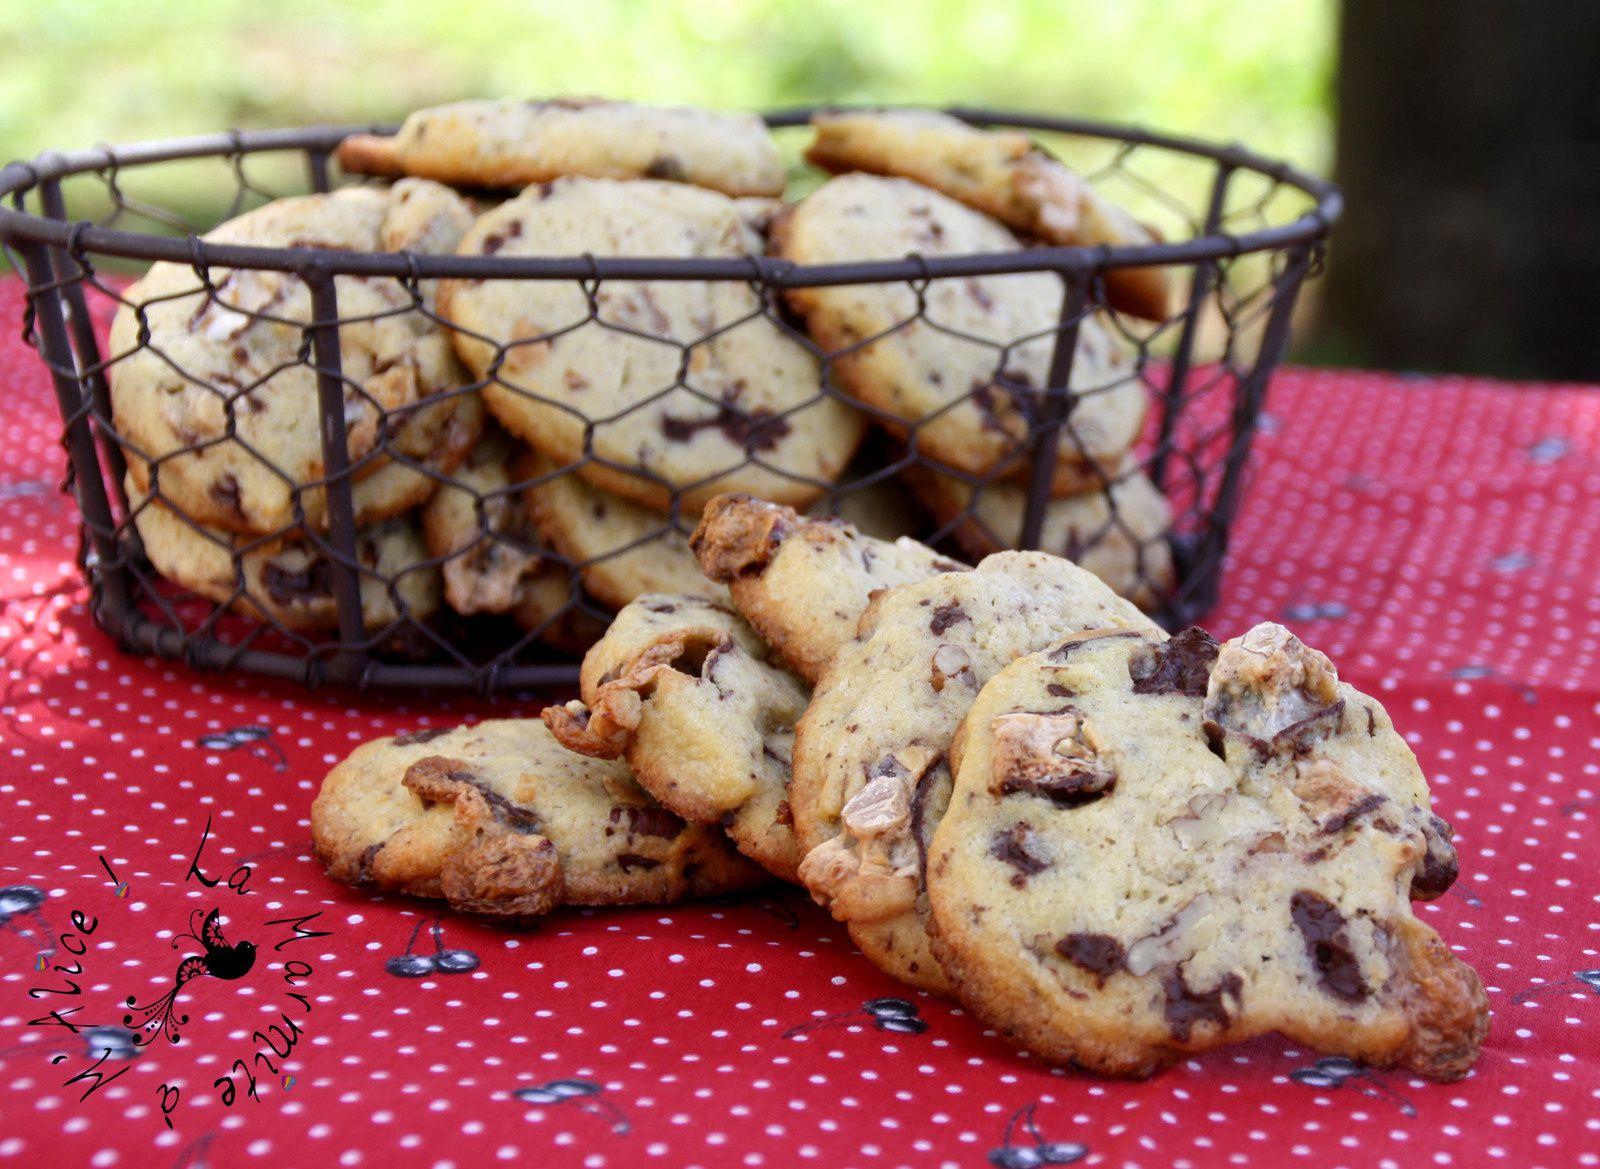 Les Cookies de NY (&amp&#x3B; de Melle Banane) Chocolat Noir, Nougat, Amandes &amp&#x3B; Pécan